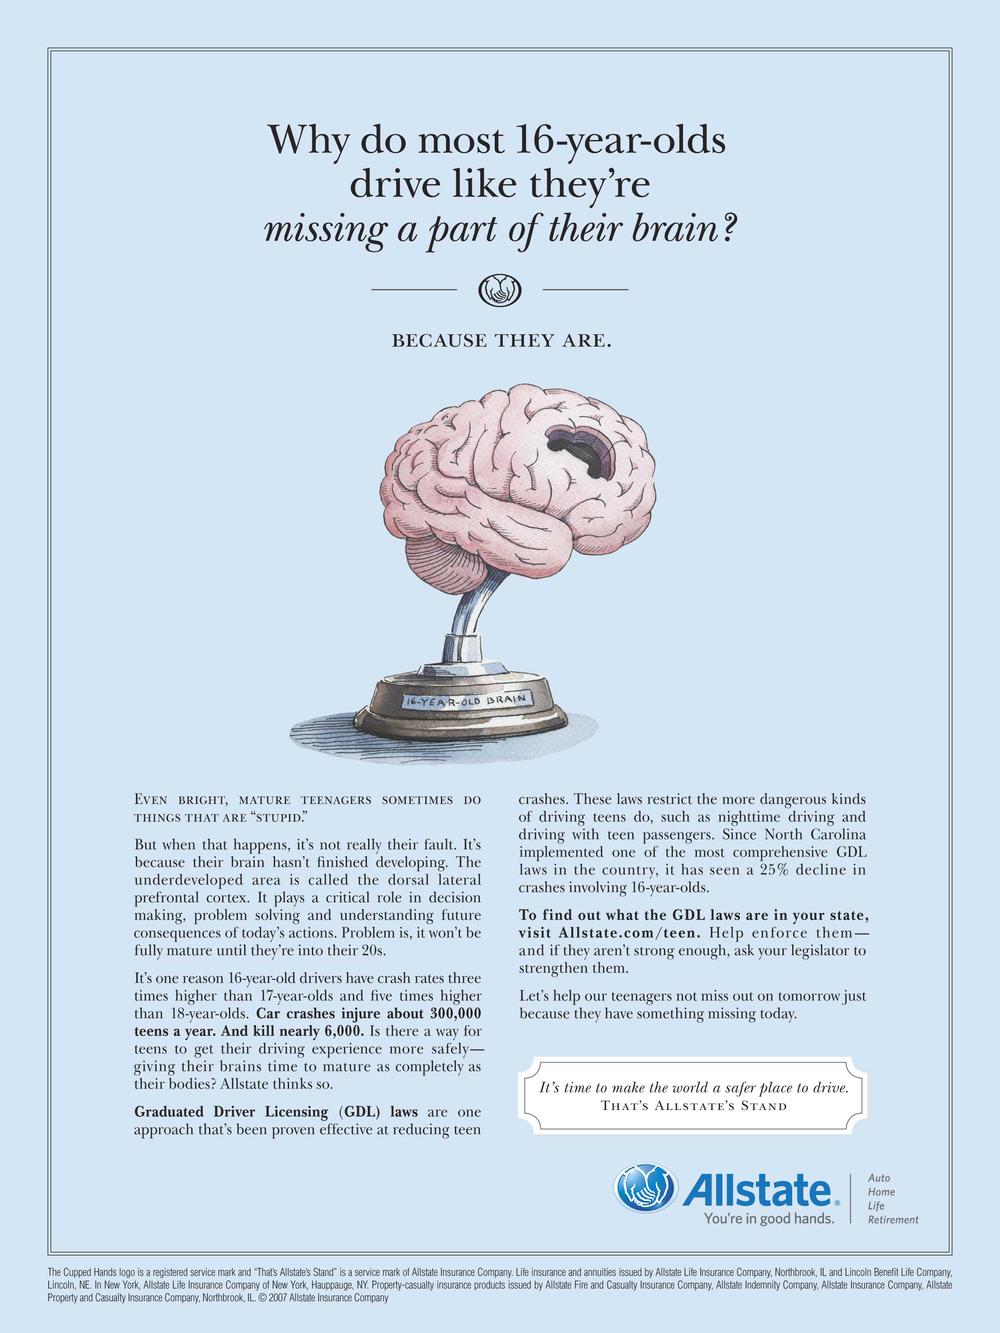 allstate Brain.jpg